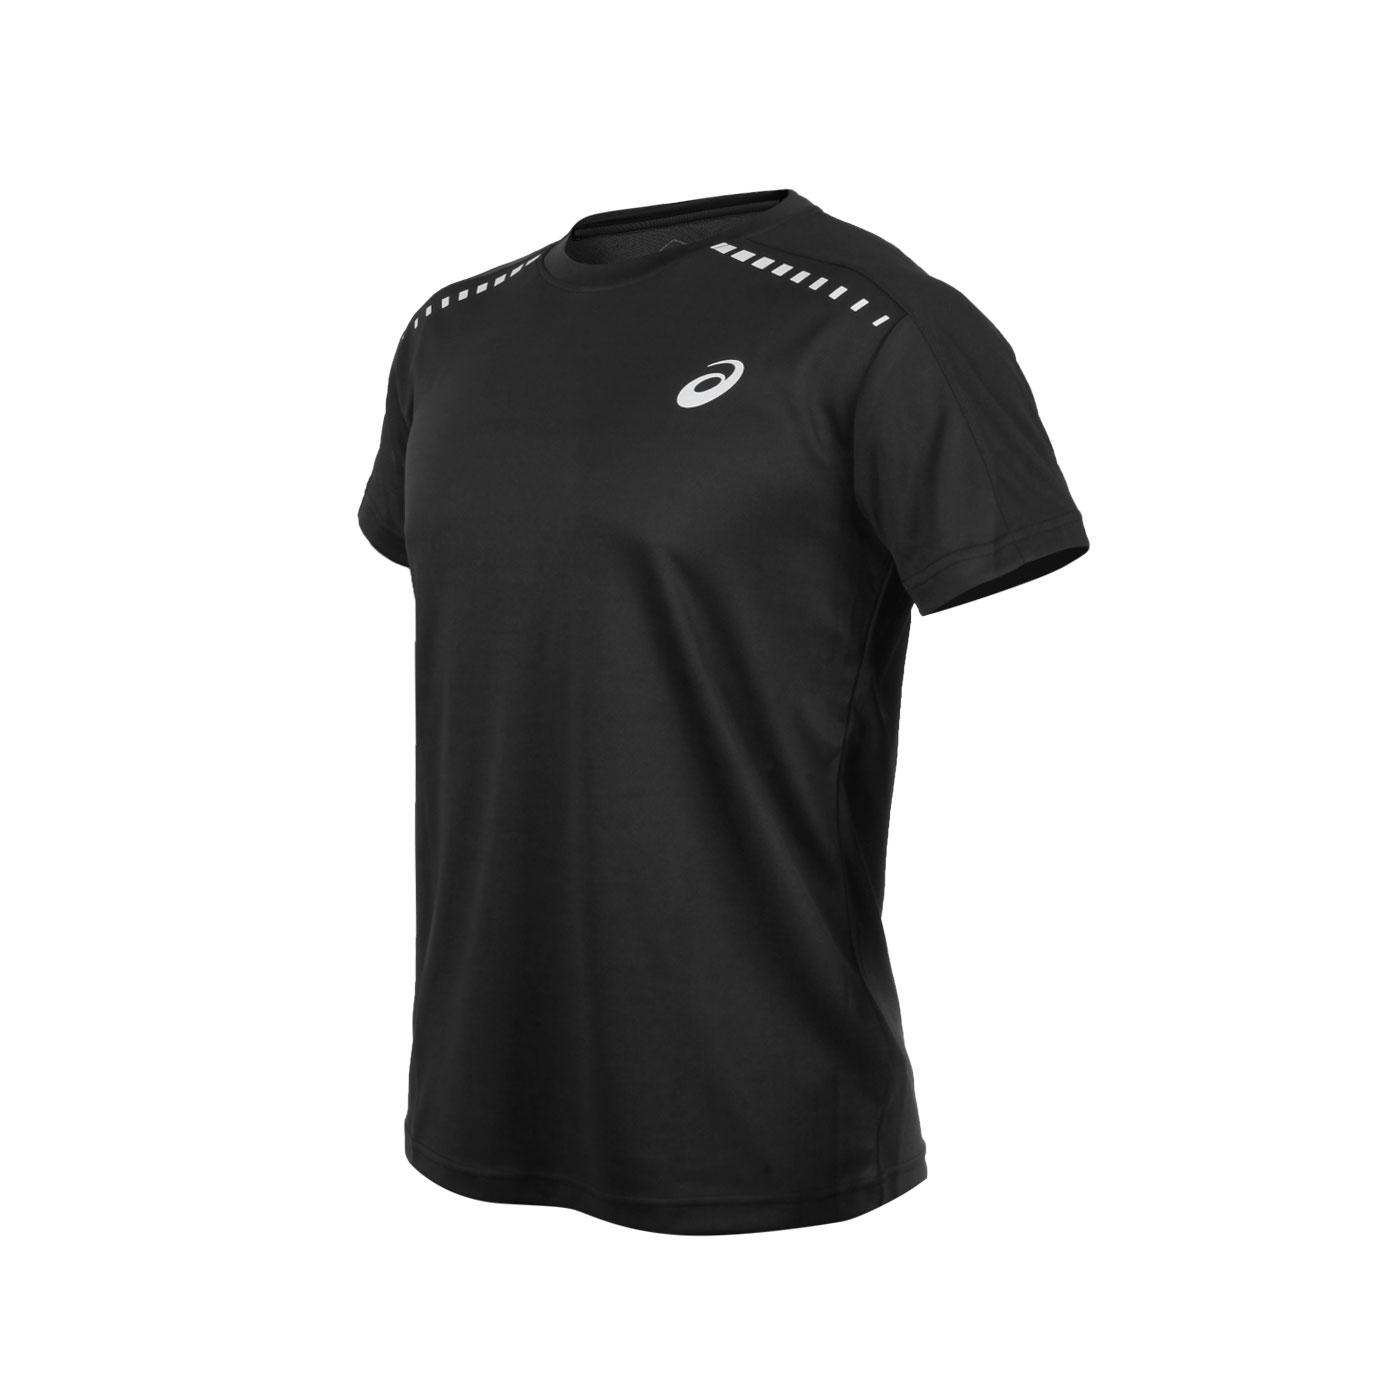 ASICS 男款短袖T恤 2013A176-001 - 黑銀